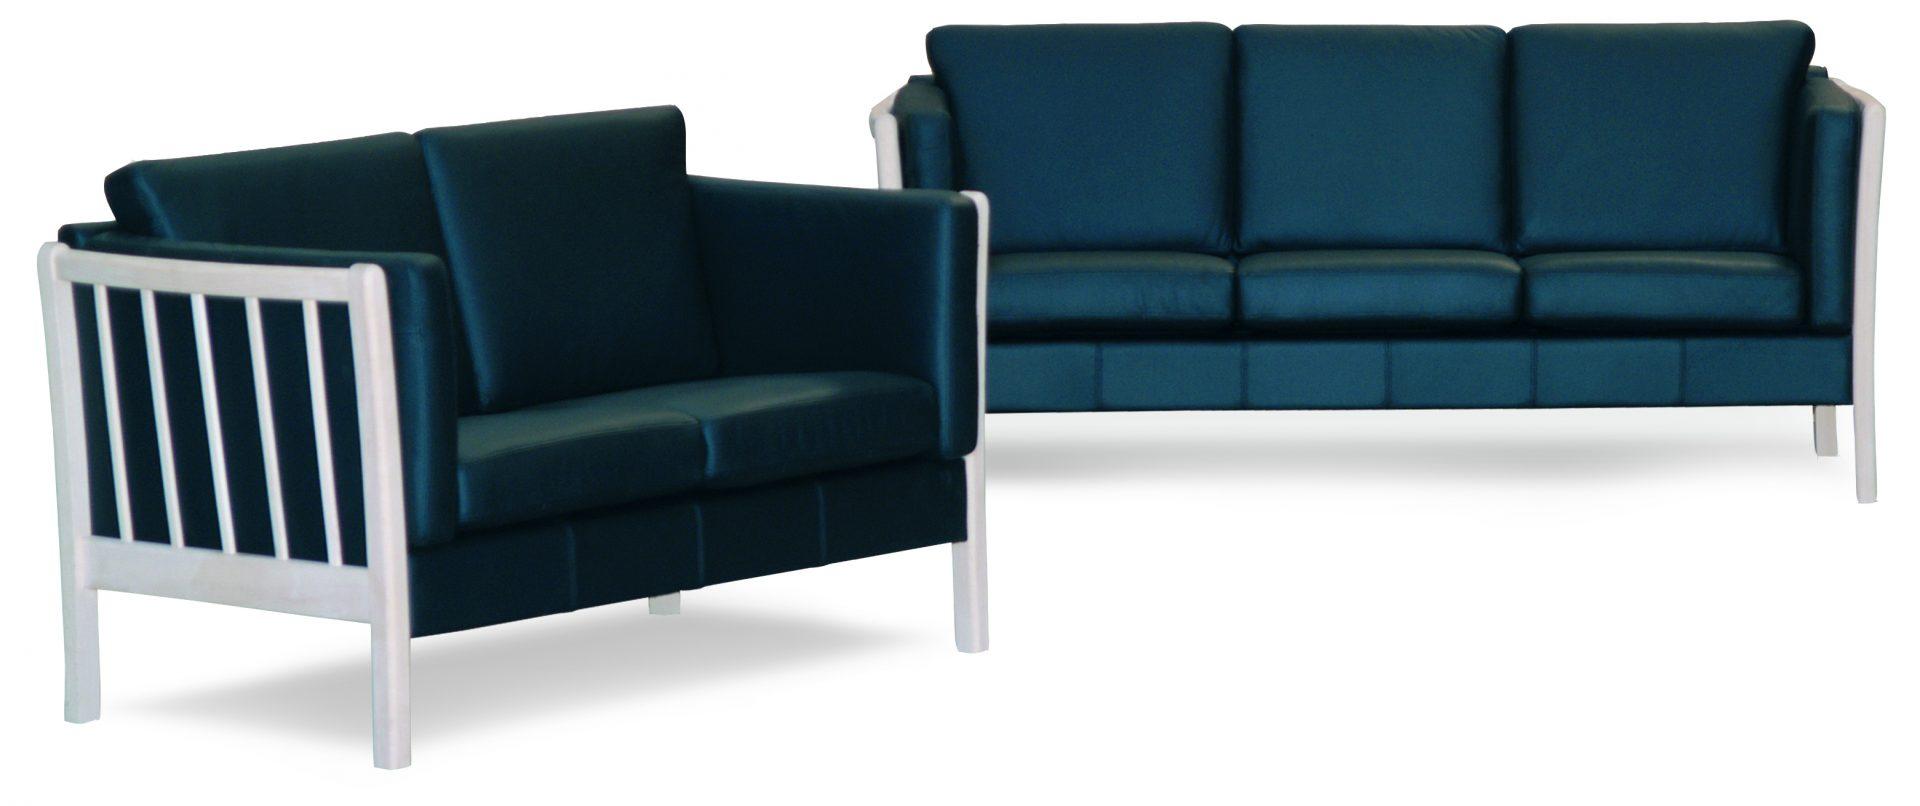 Ida 3 og 2 sofa